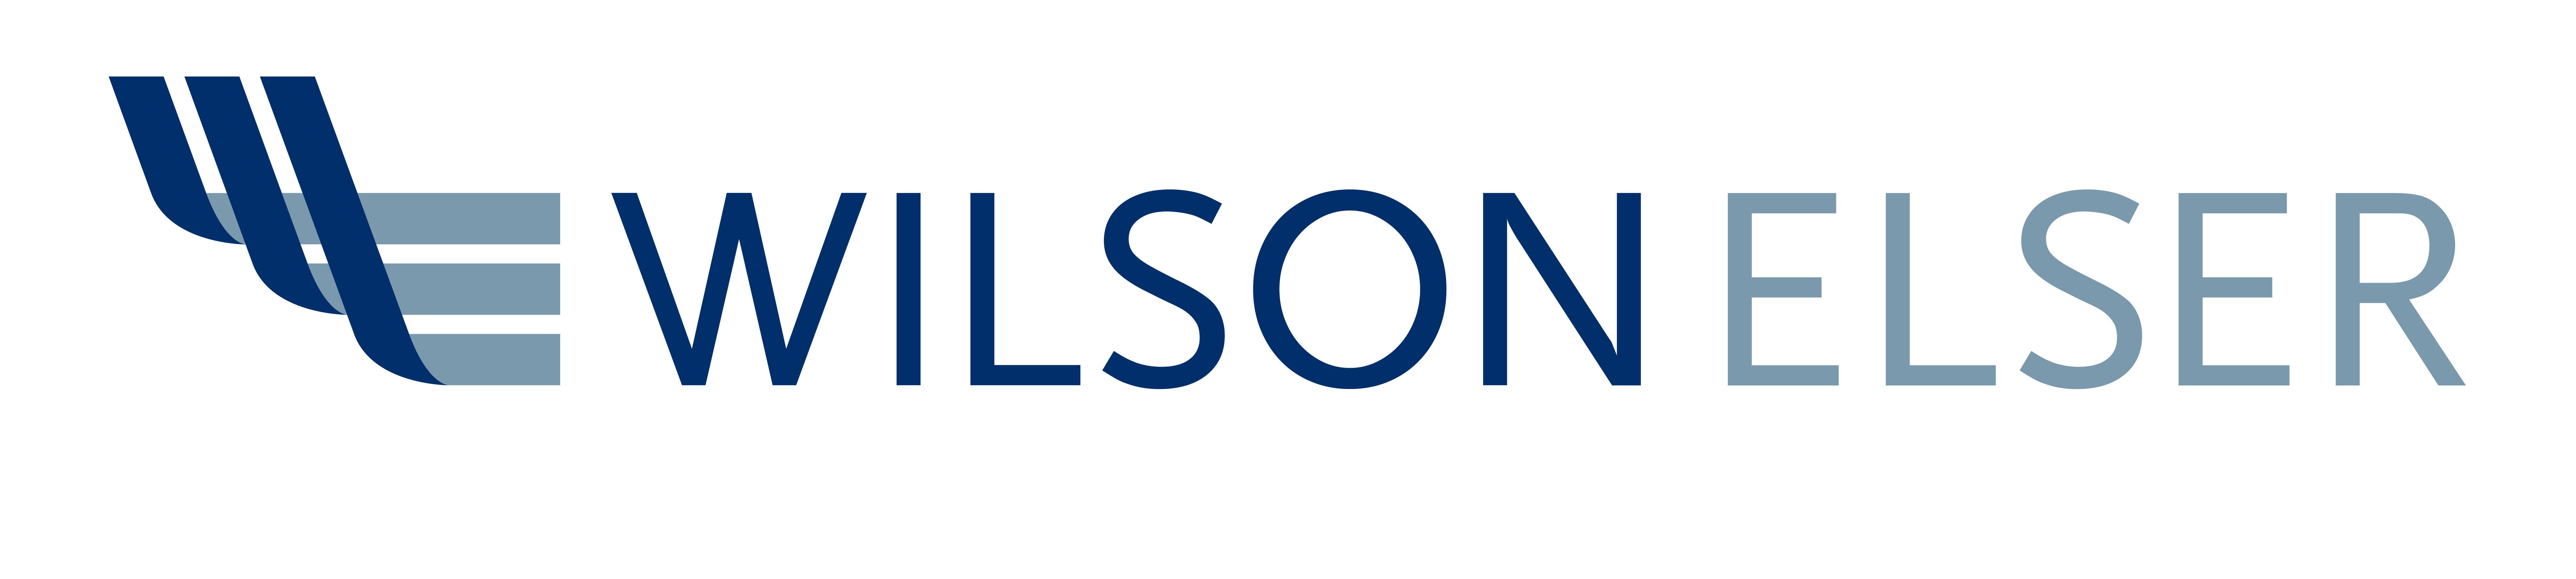 Wilson Elser Logo